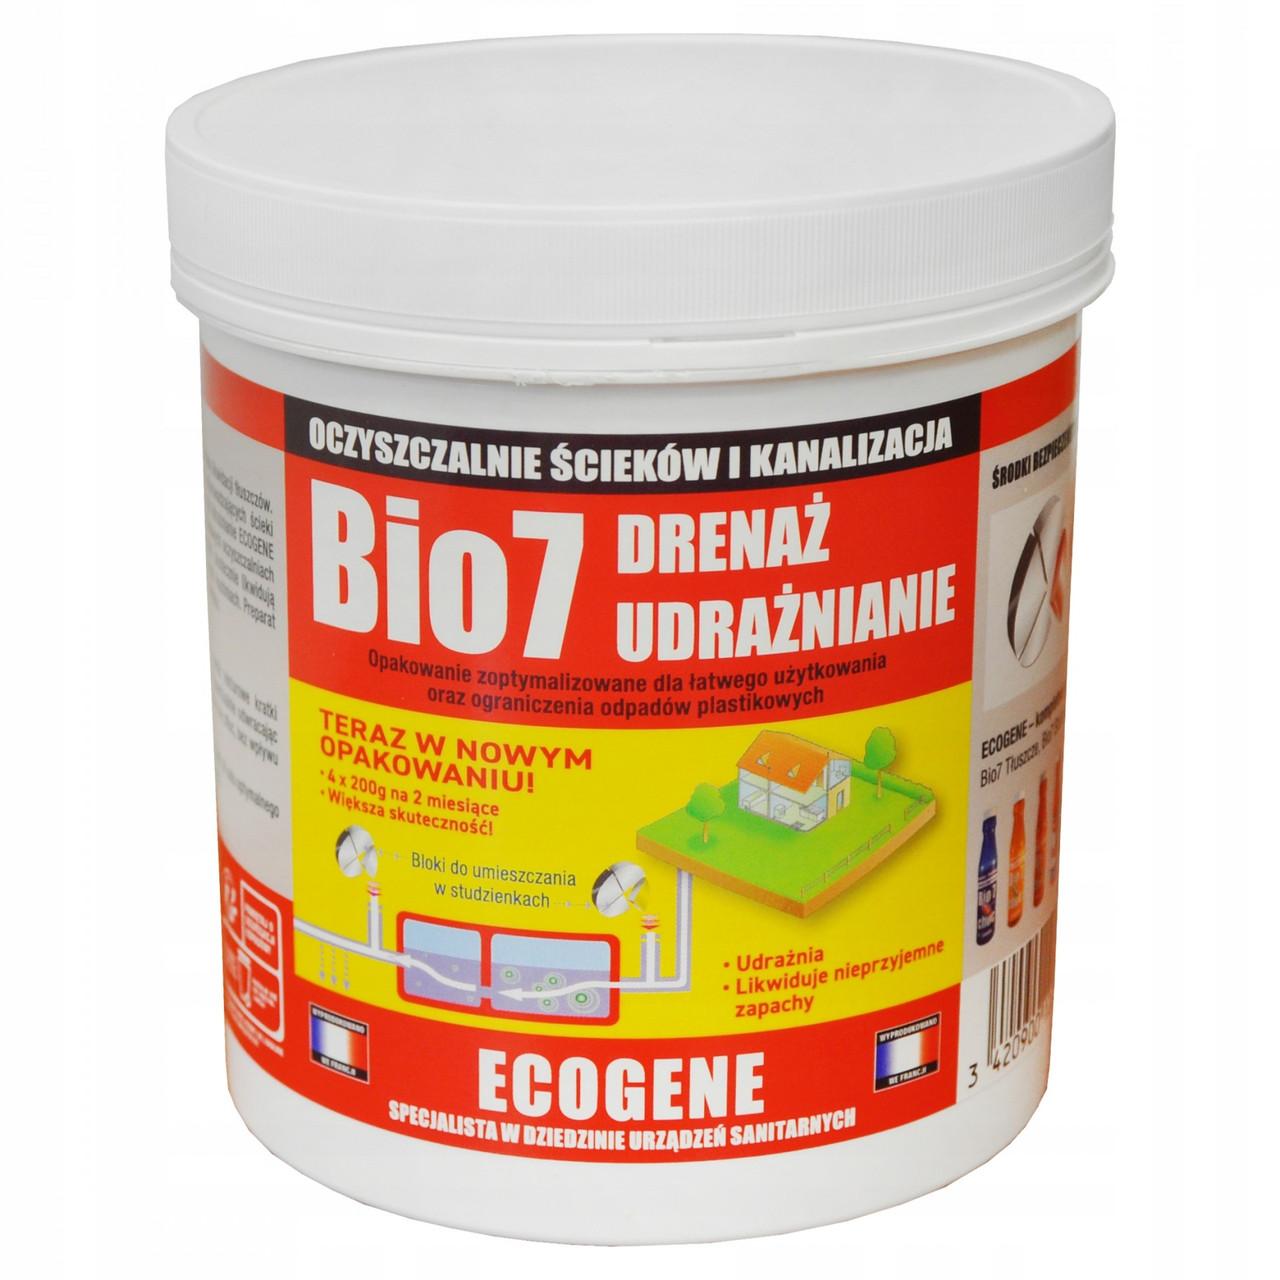 Биоактиватор для очистки дренажа, колодцев и всей системы очистных сооружений  Bio 7 Drenaz